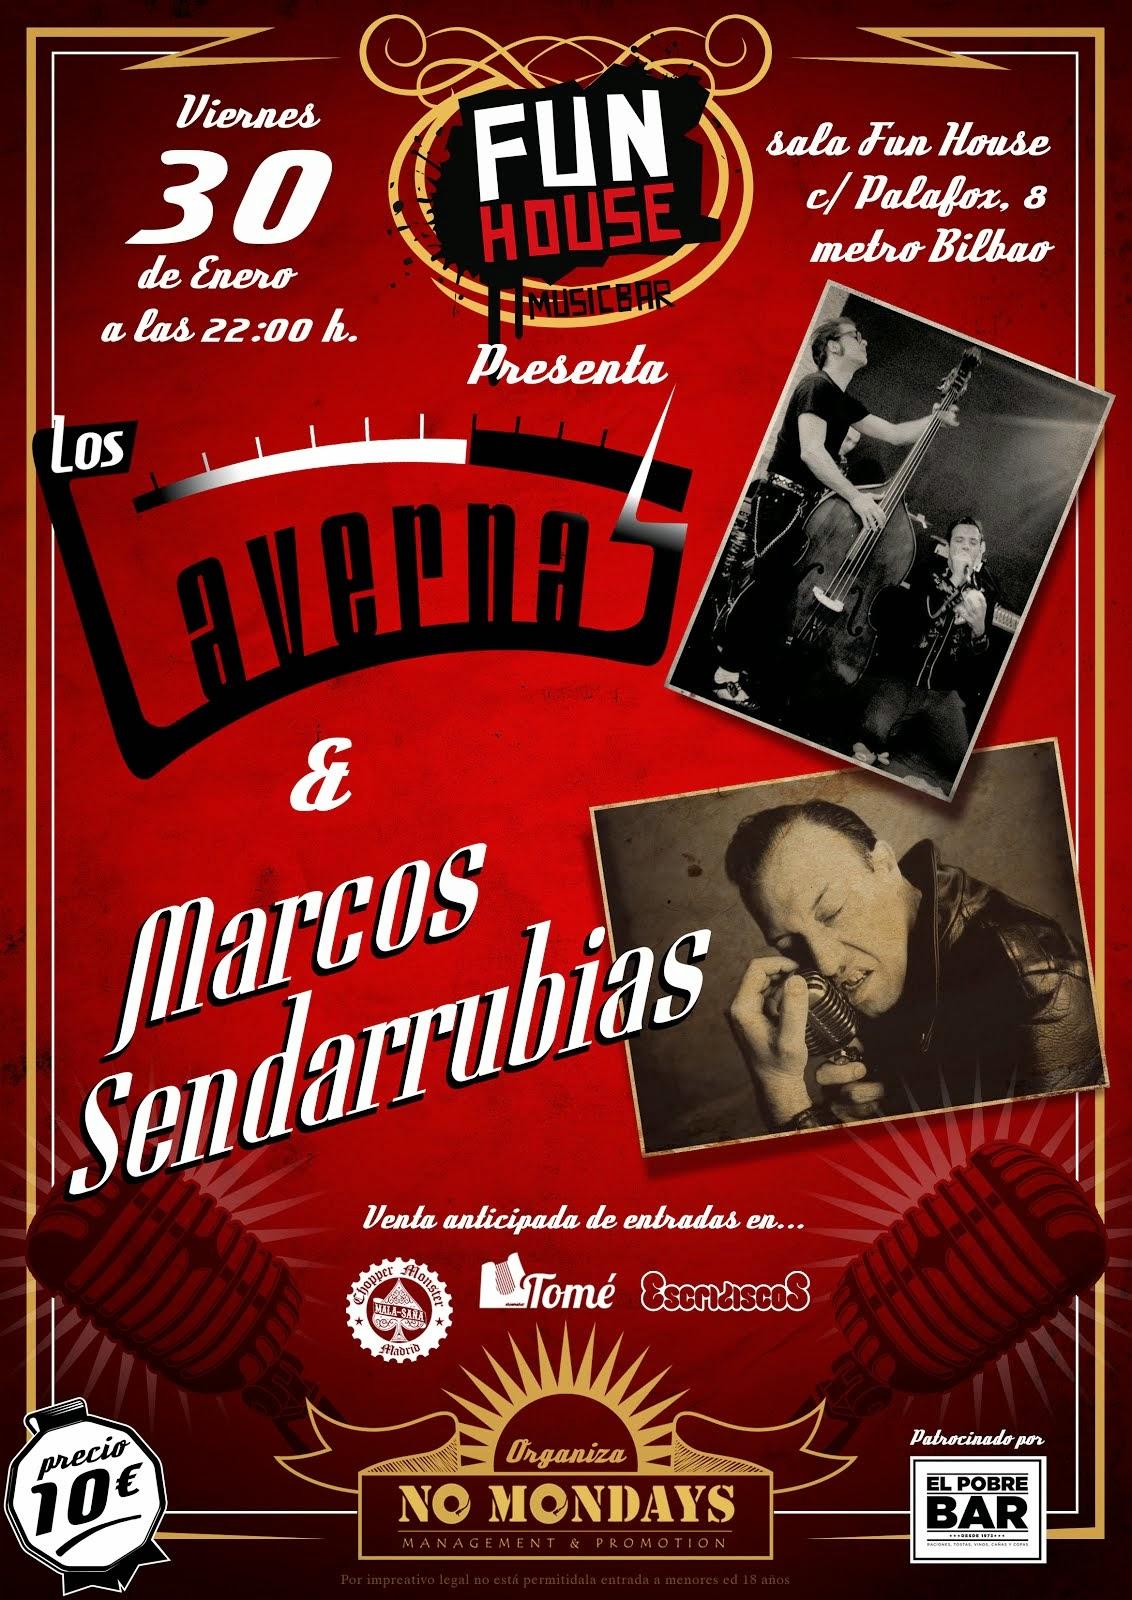 Marcos Sendarrubias + Los Cavernas (30/01/15)